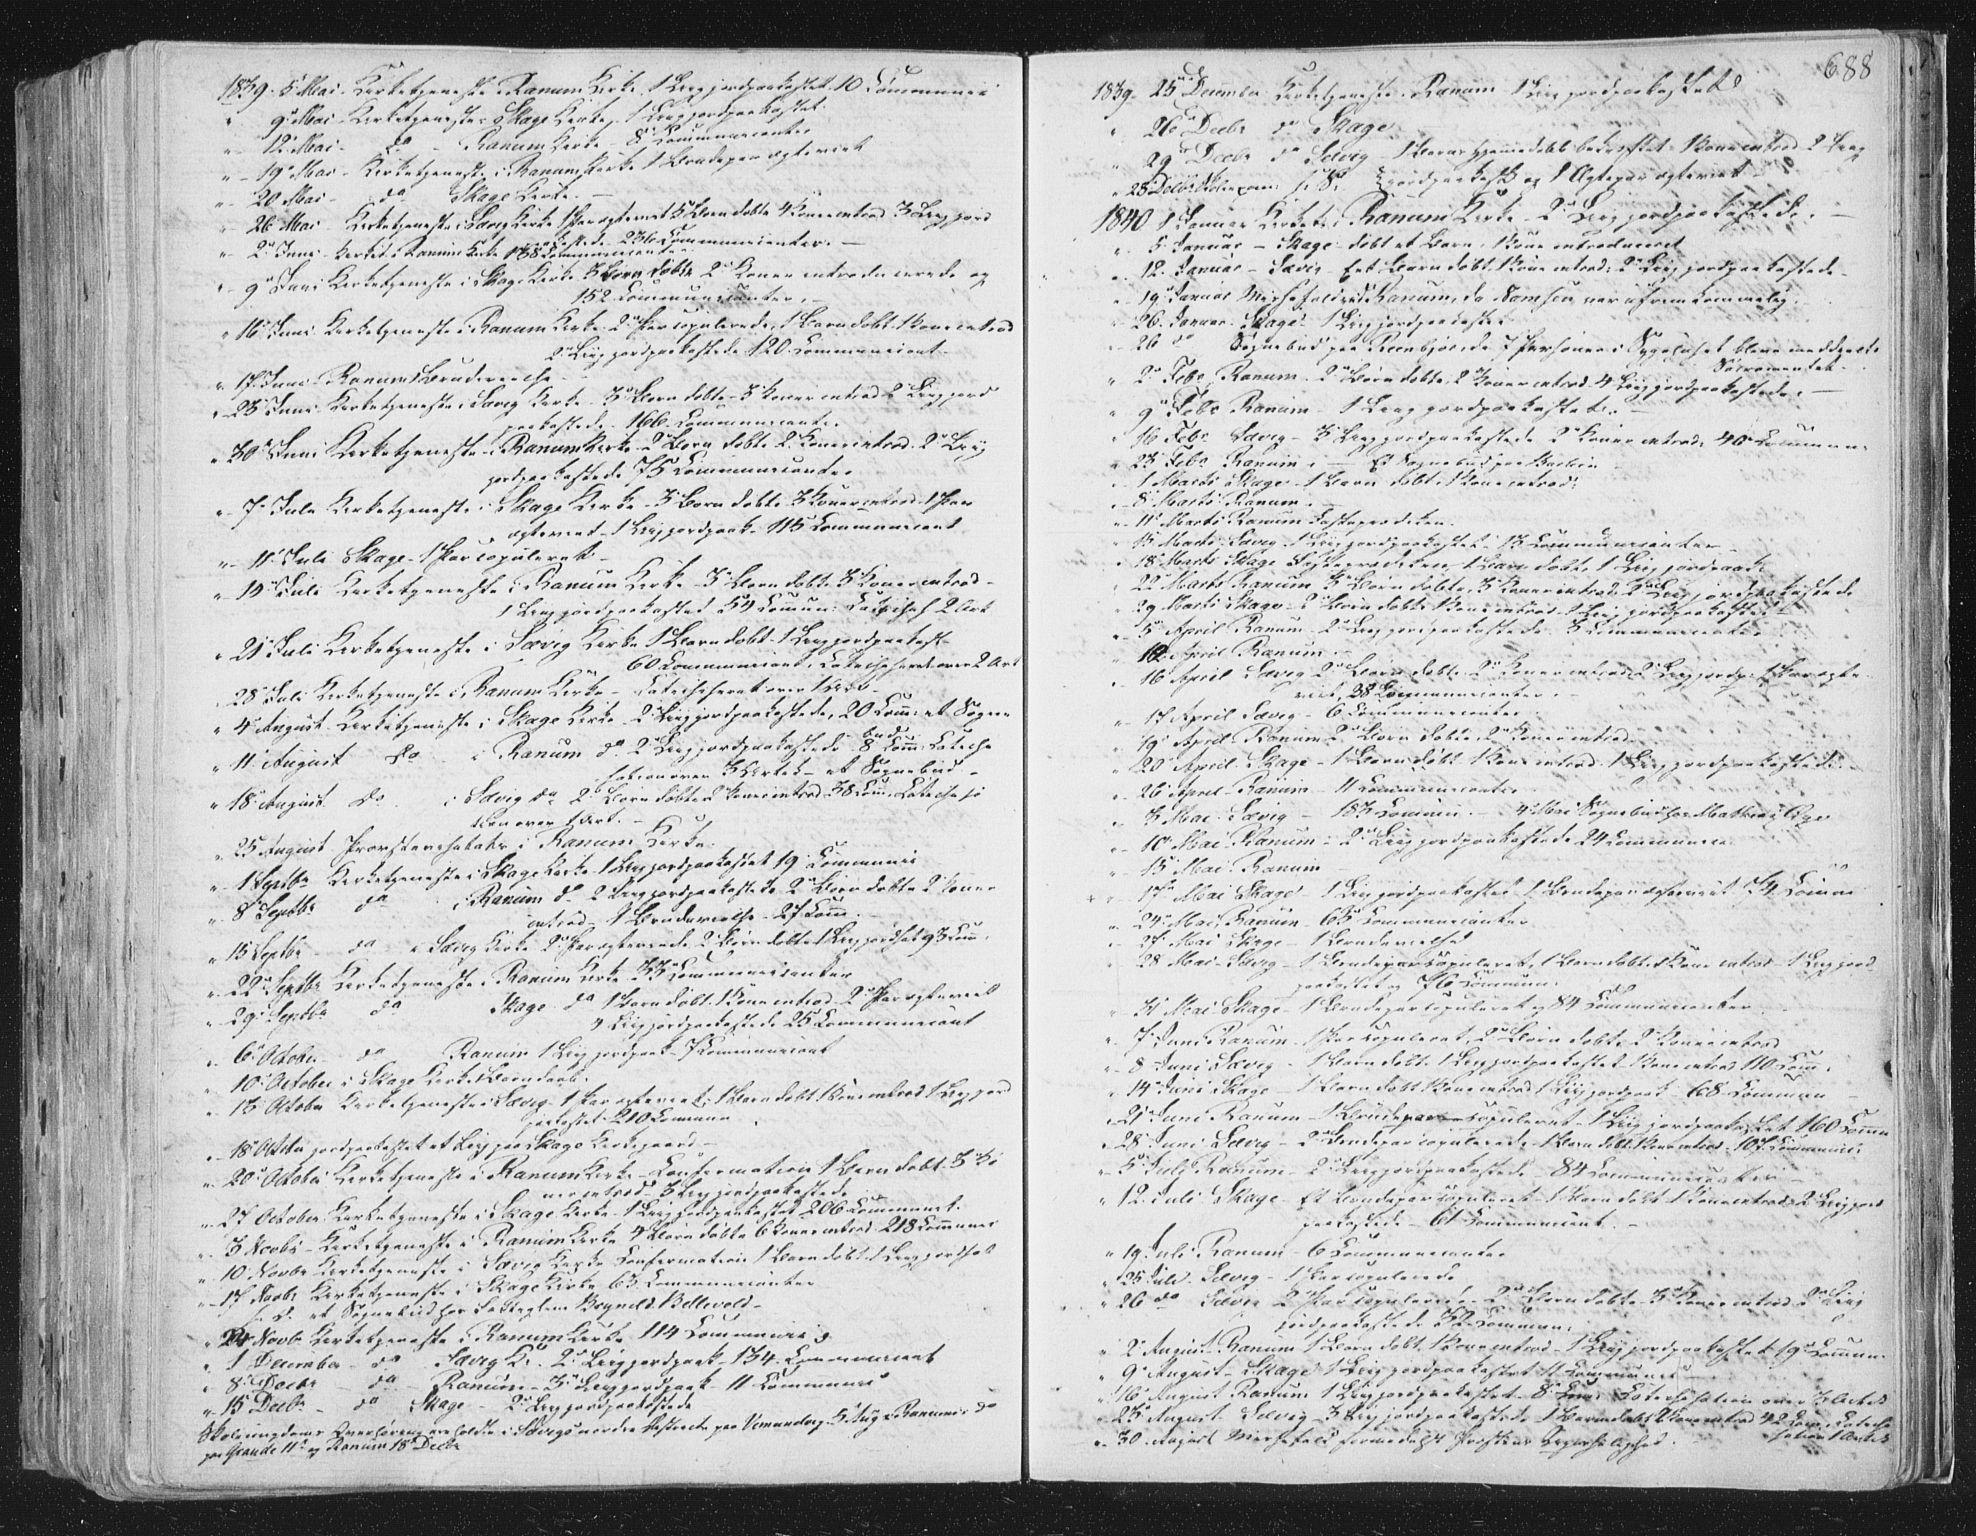 SAT, Ministerialprotokoller, klokkerbøker og fødselsregistre - Nord-Trøndelag, 764/L0552: Ministerialbok nr. 764A07b, 1824-1865, s. 688